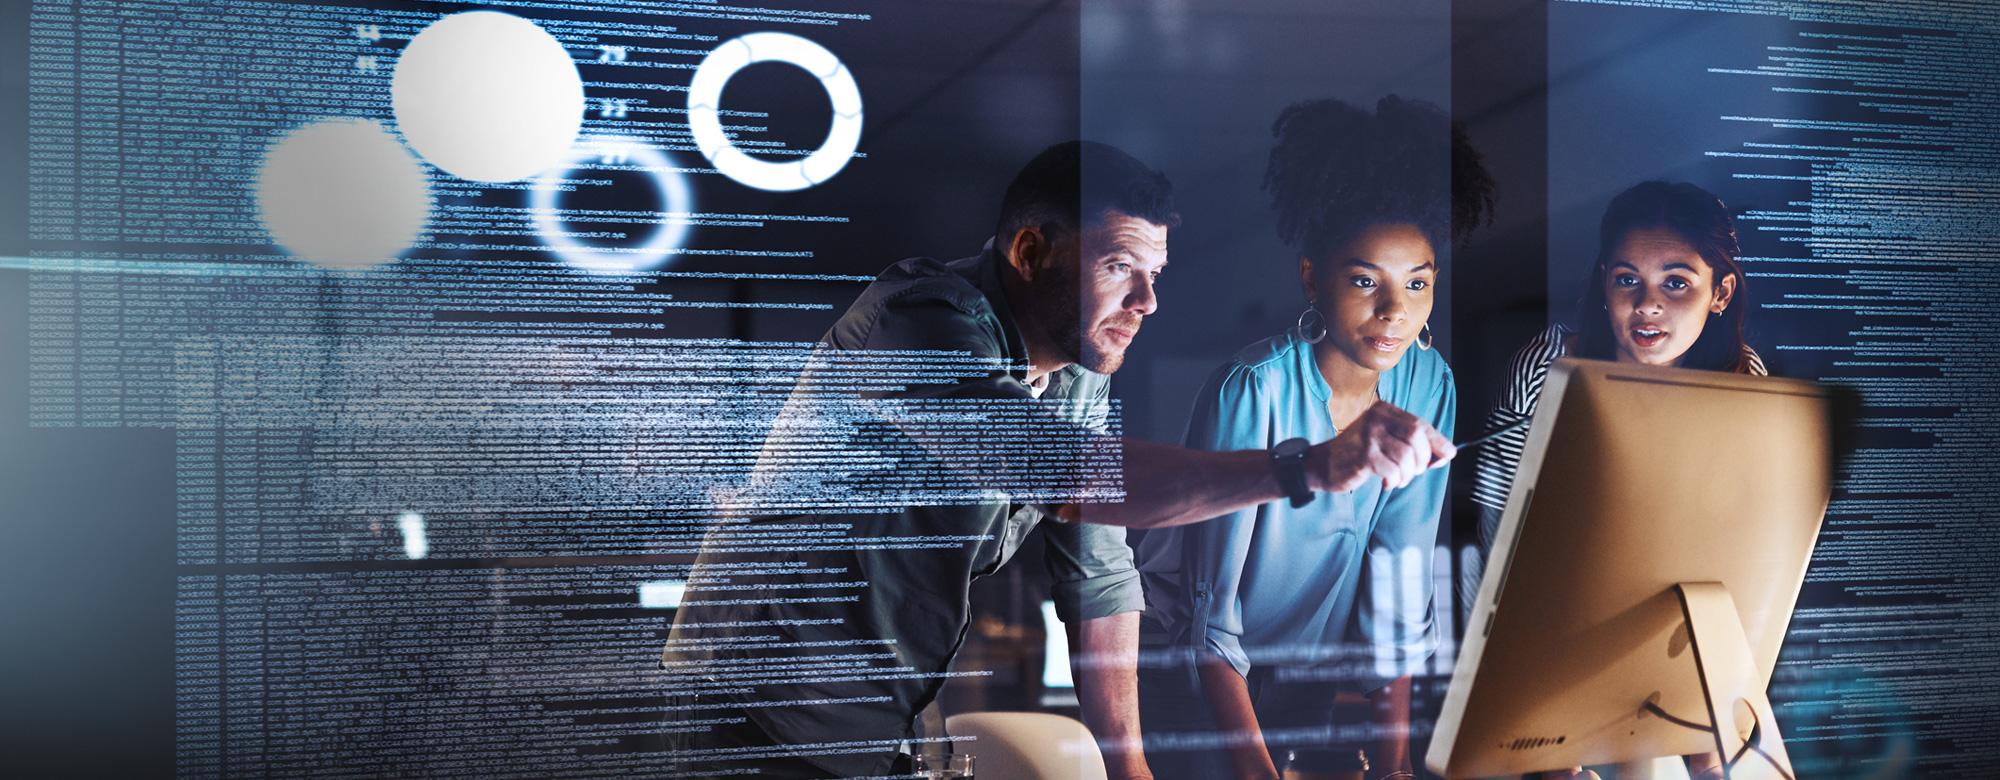 Digital Export: definire la strategia vincente per posizionarsi correttamente sui mercati esteri. Webinar, 22 ottobre 2021